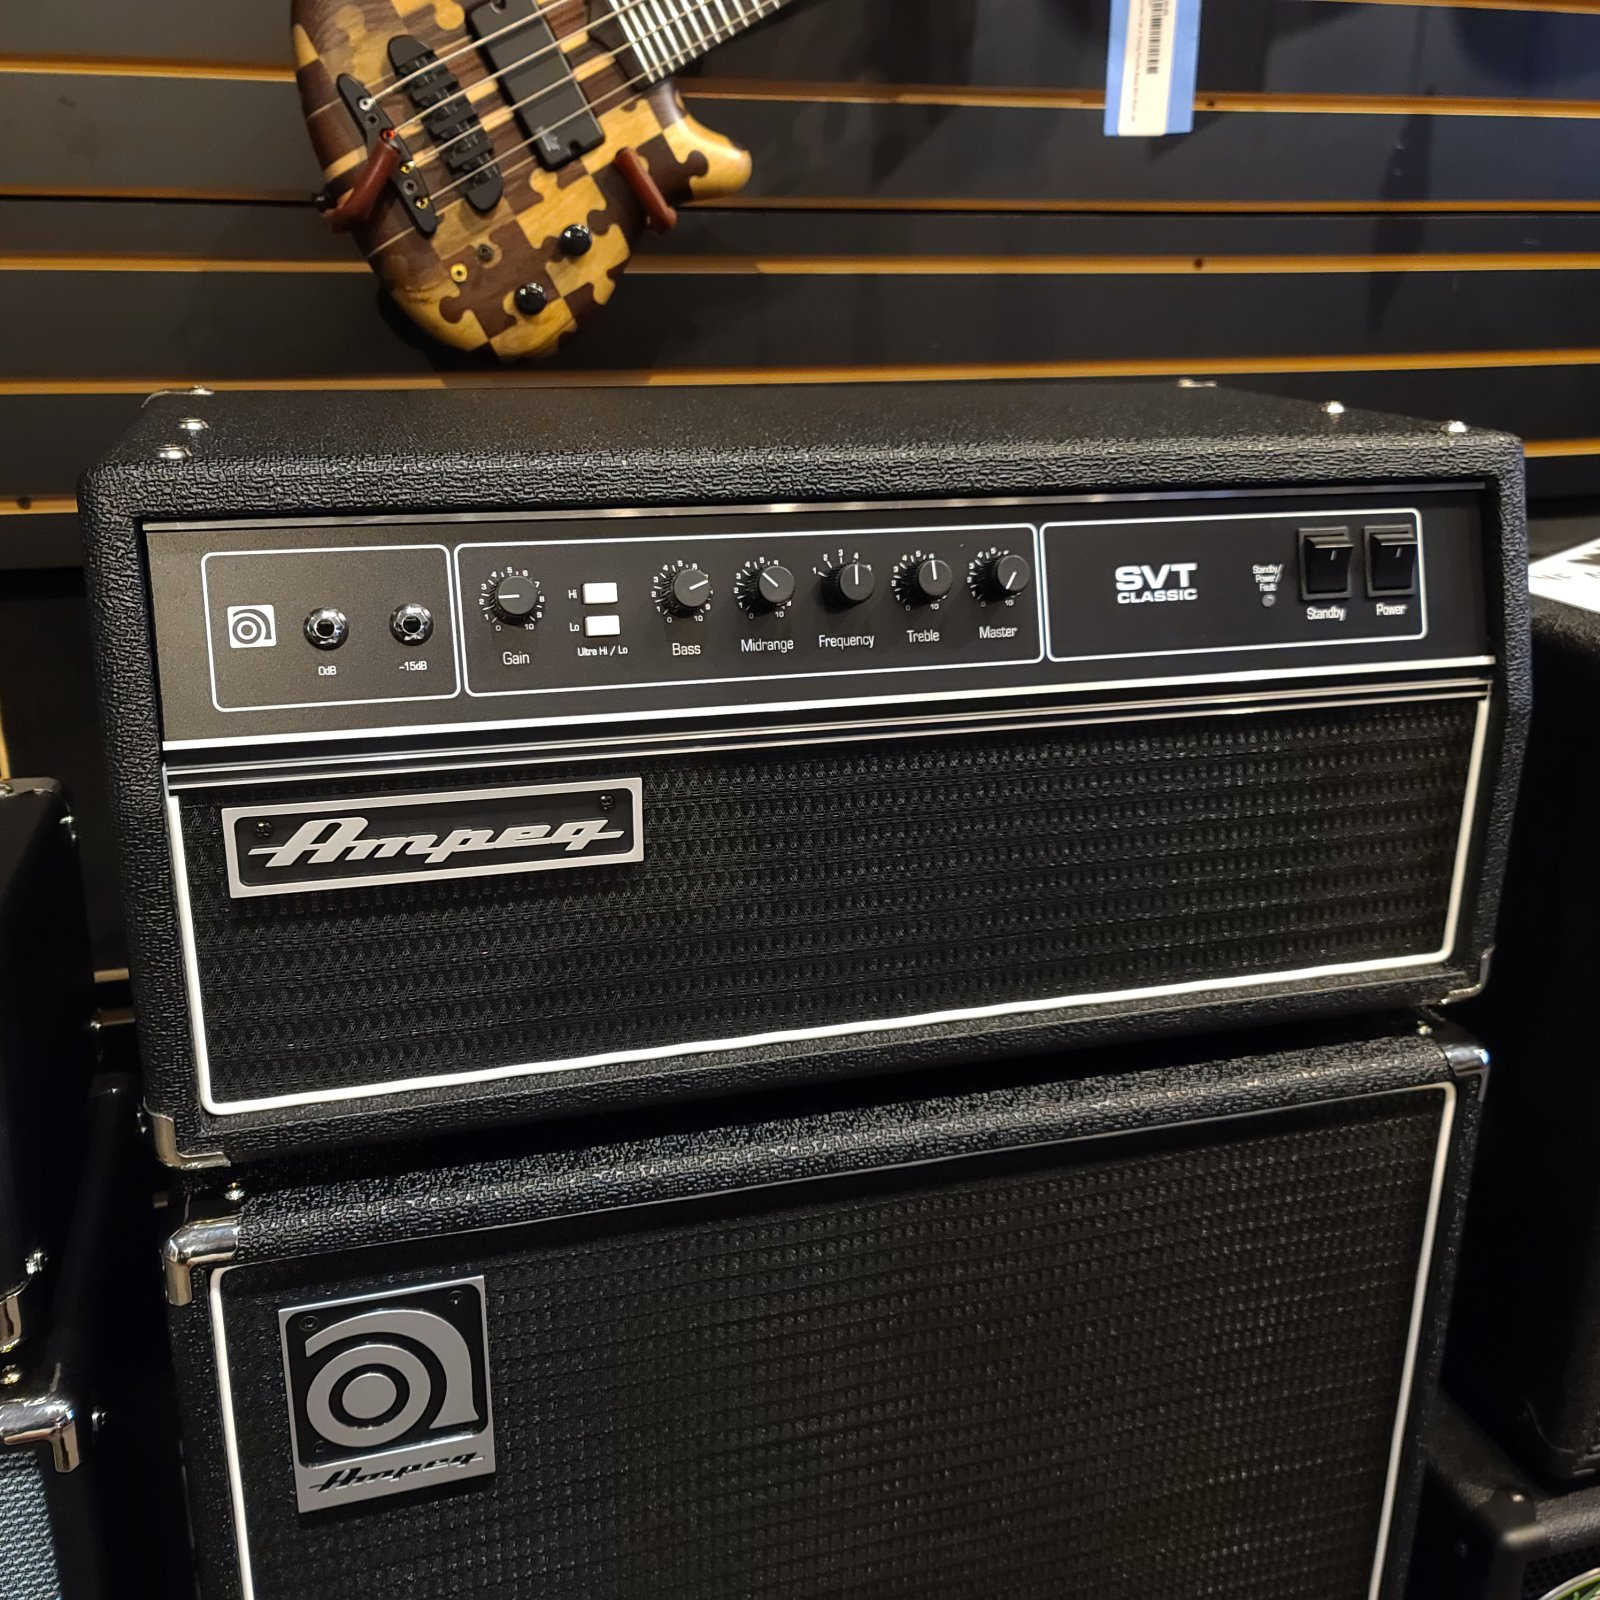 Ampeg SVT Classic CL 300 Watt Tube Bass Amplifier Head